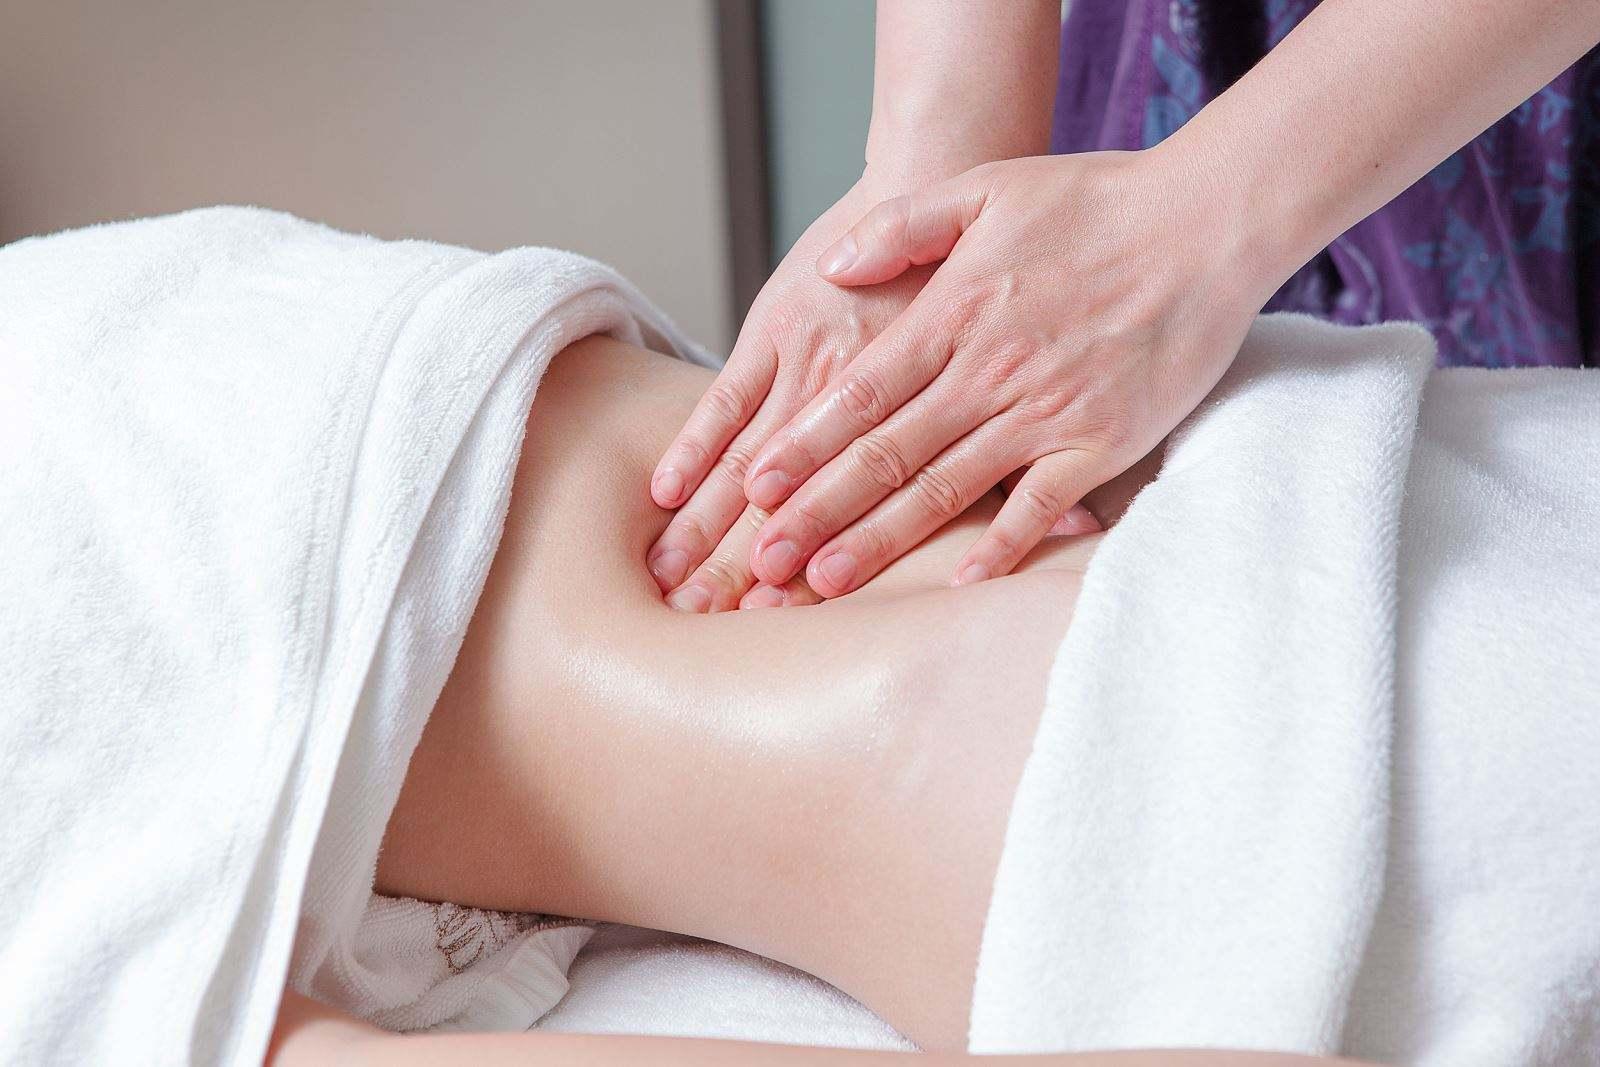 美容院腹部按摩的功效及其专业手法